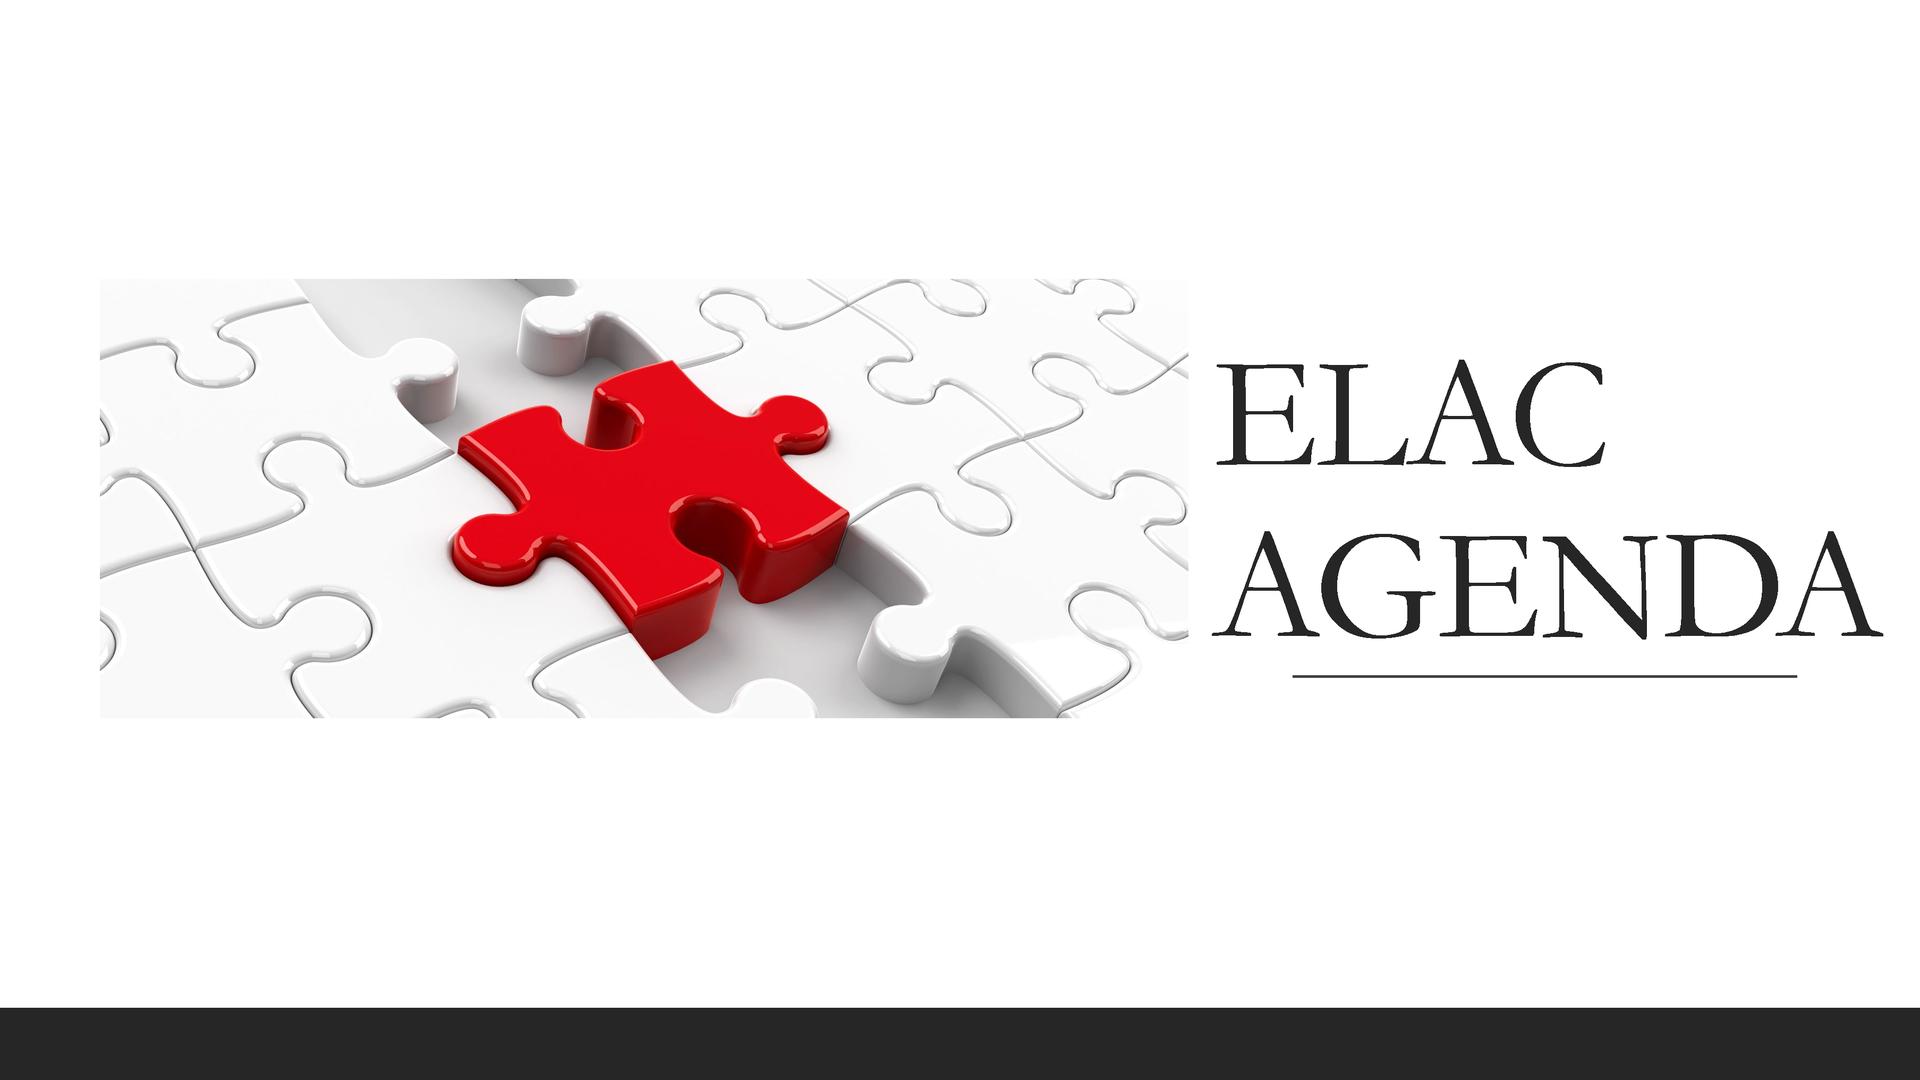 ELAC Agenda